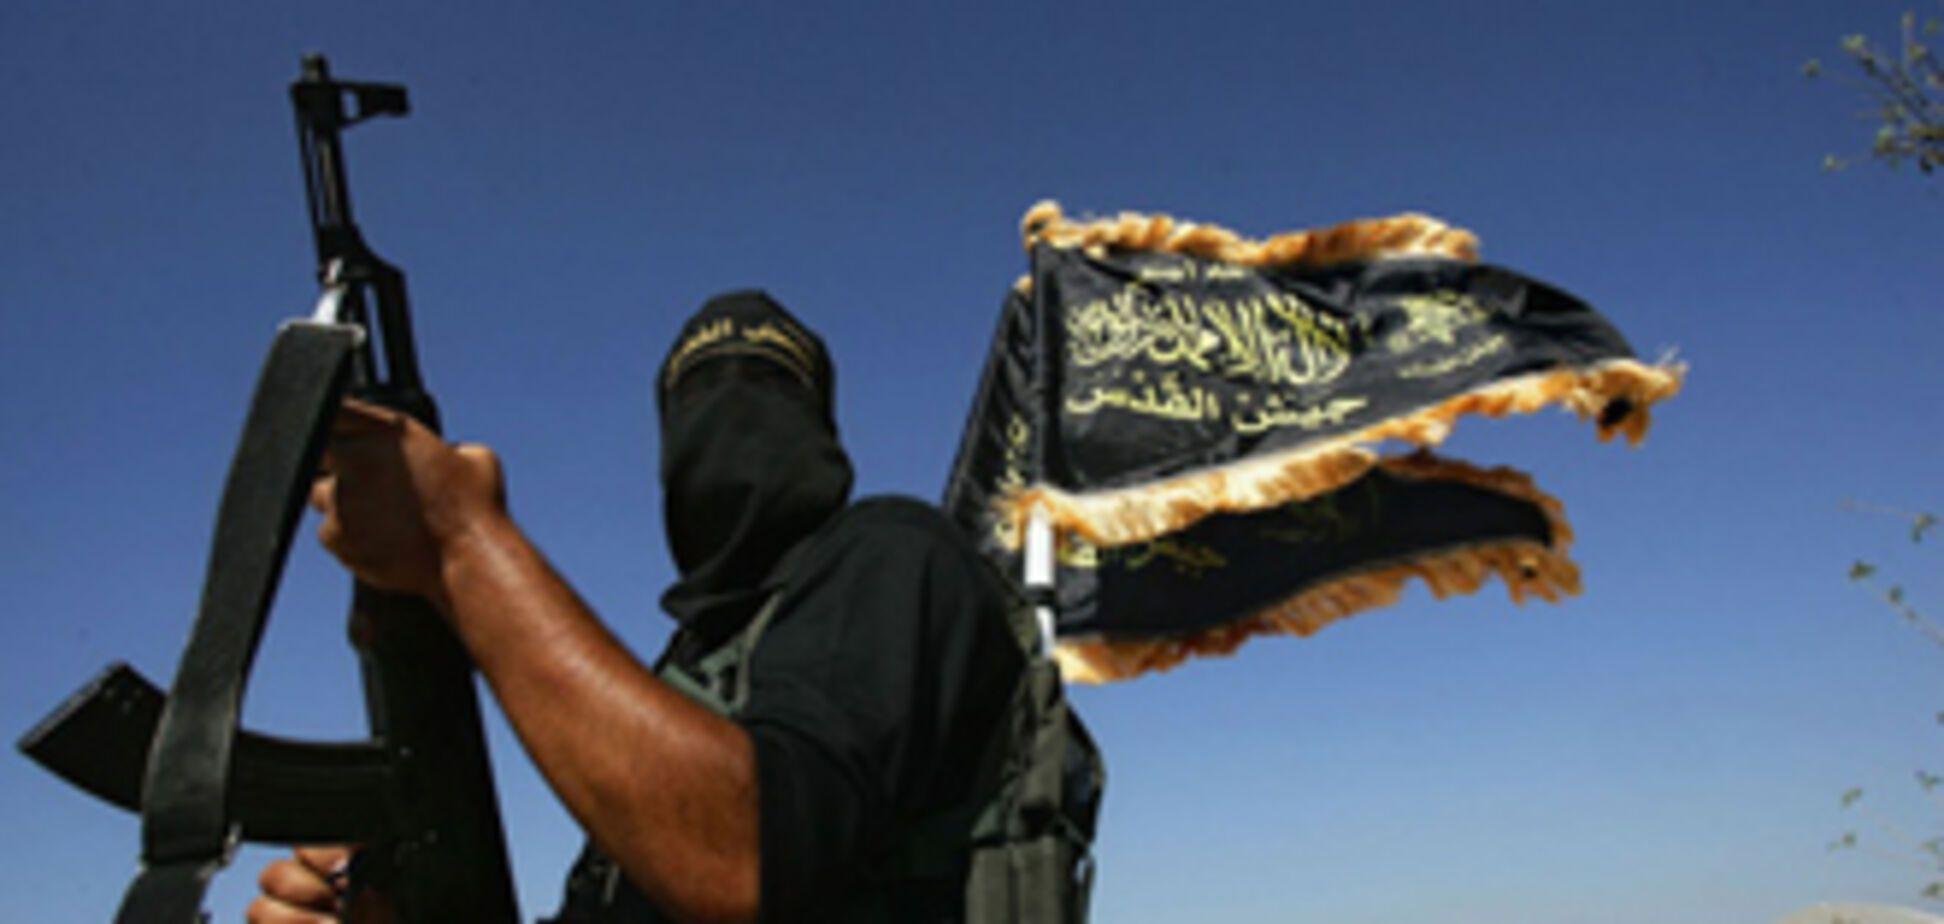 В Кувейте арестовали террористов 'Аль-Каиды'